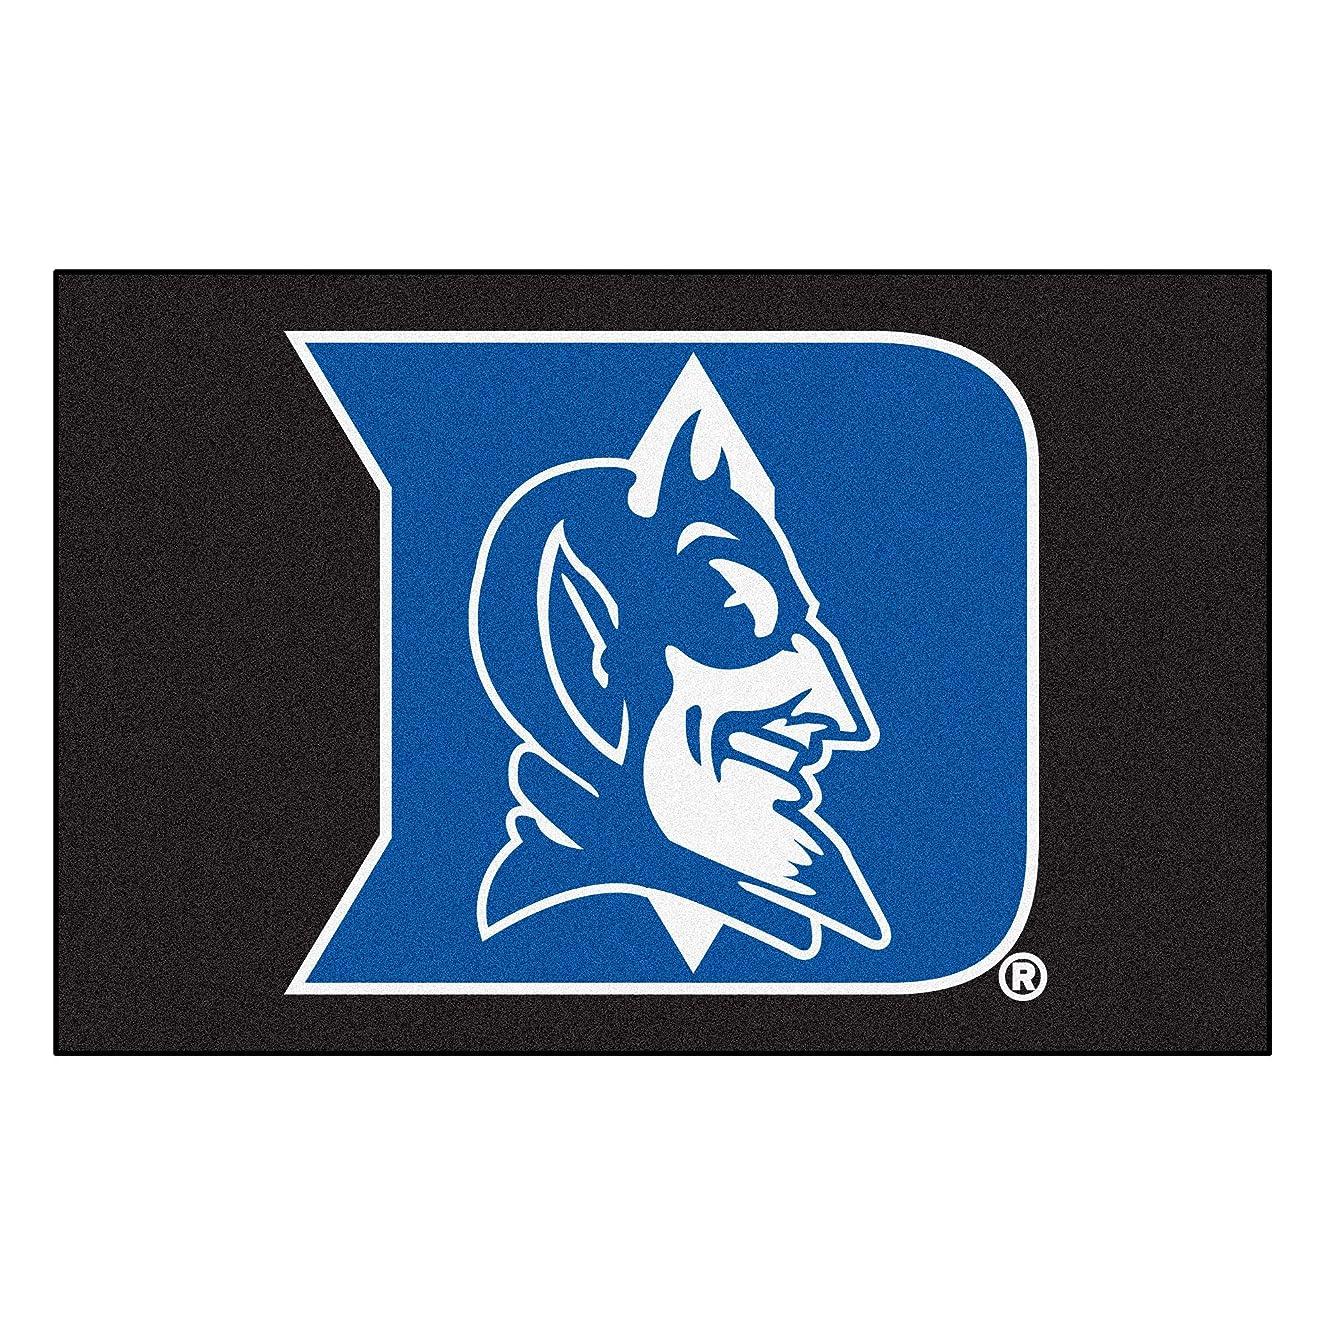 FANMATS NCAA Duke University Blue Devils Nylon Face Starter Rug